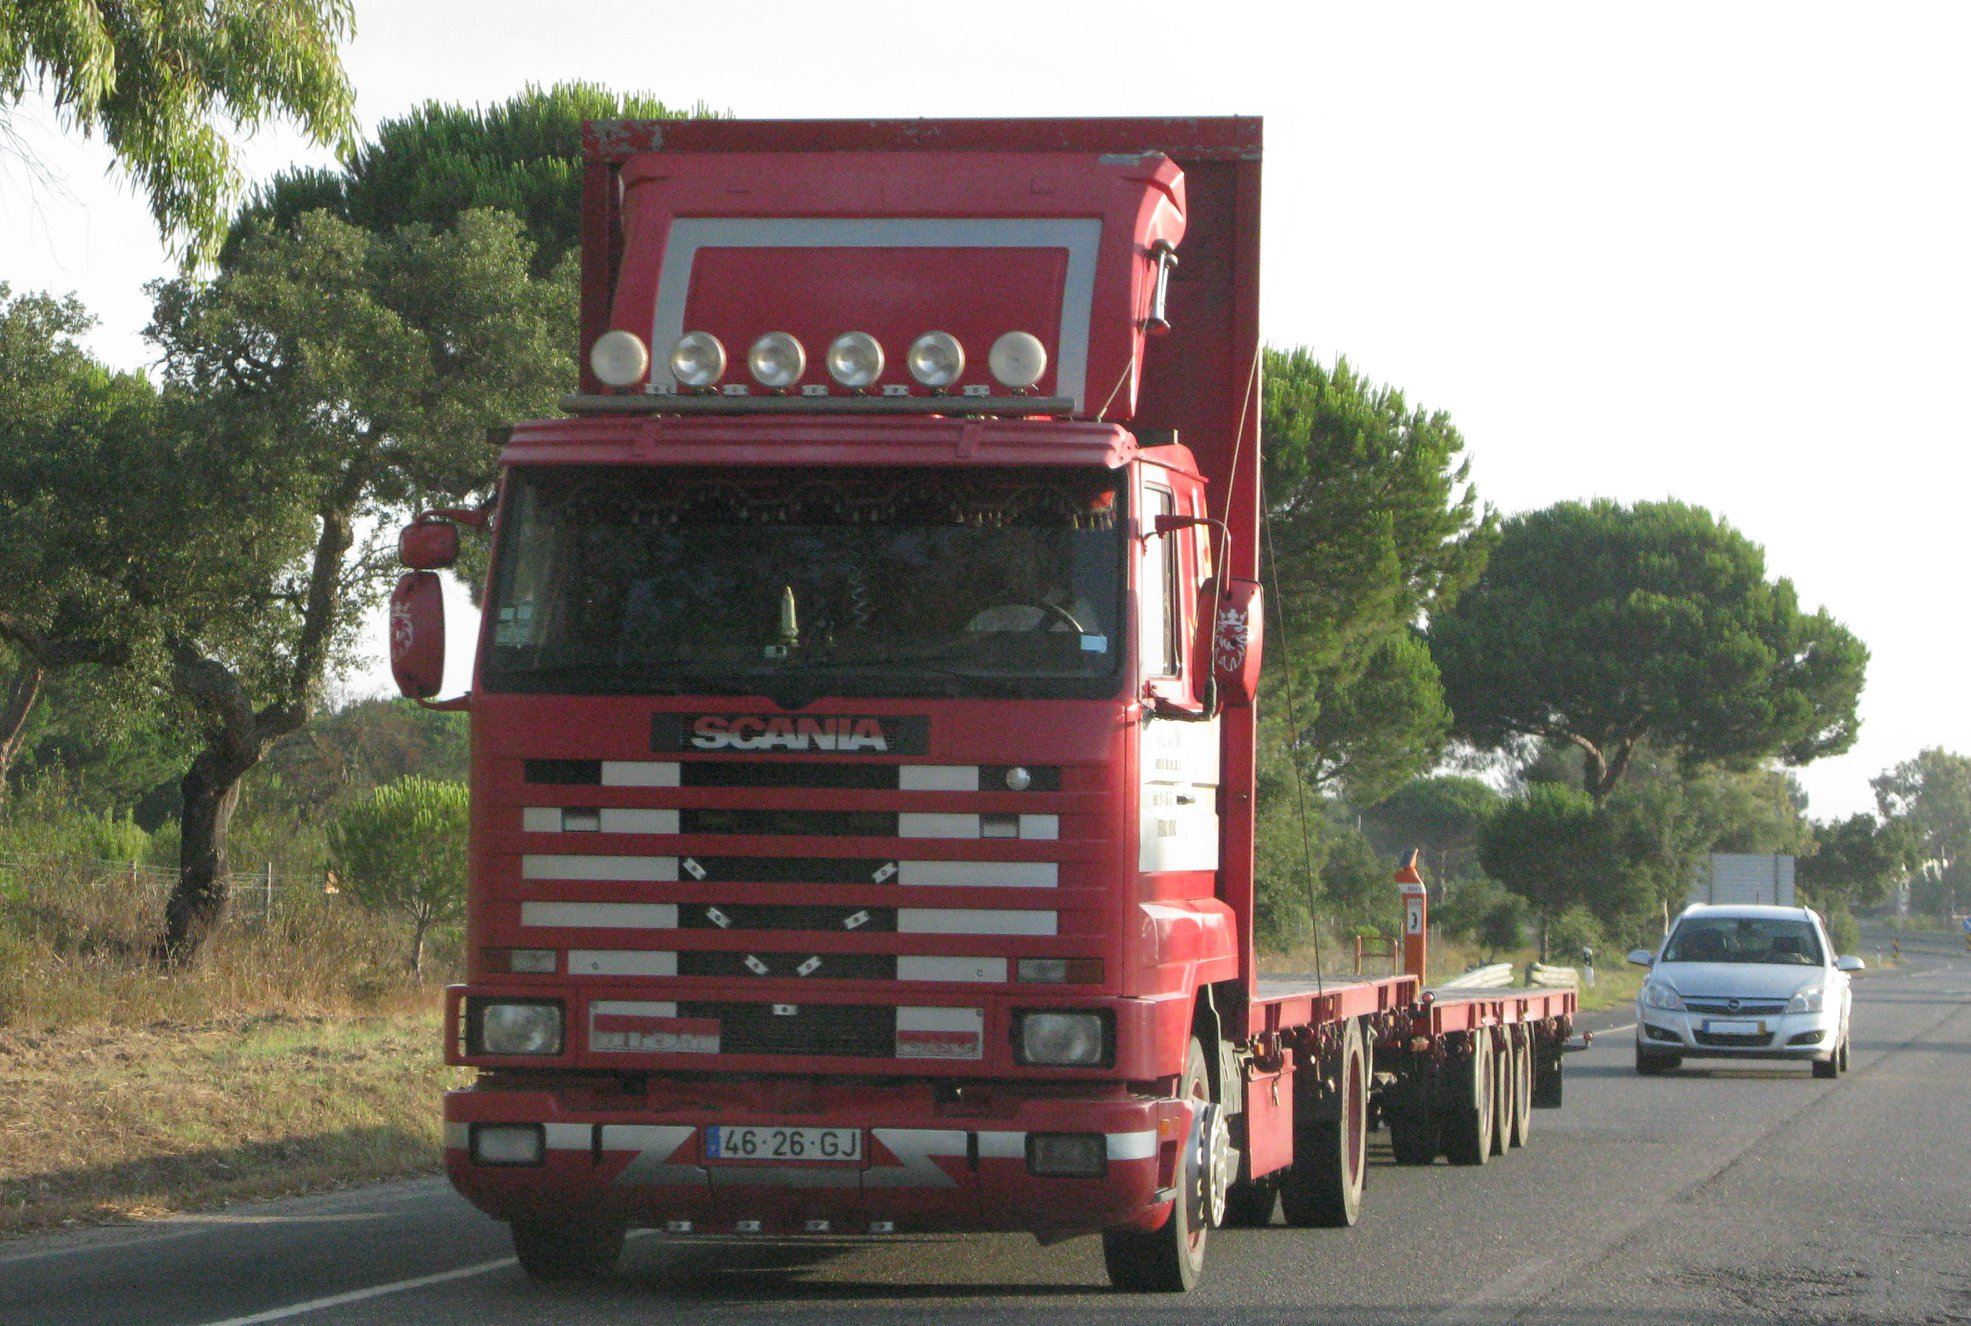 Scania-Duarte-Sousa